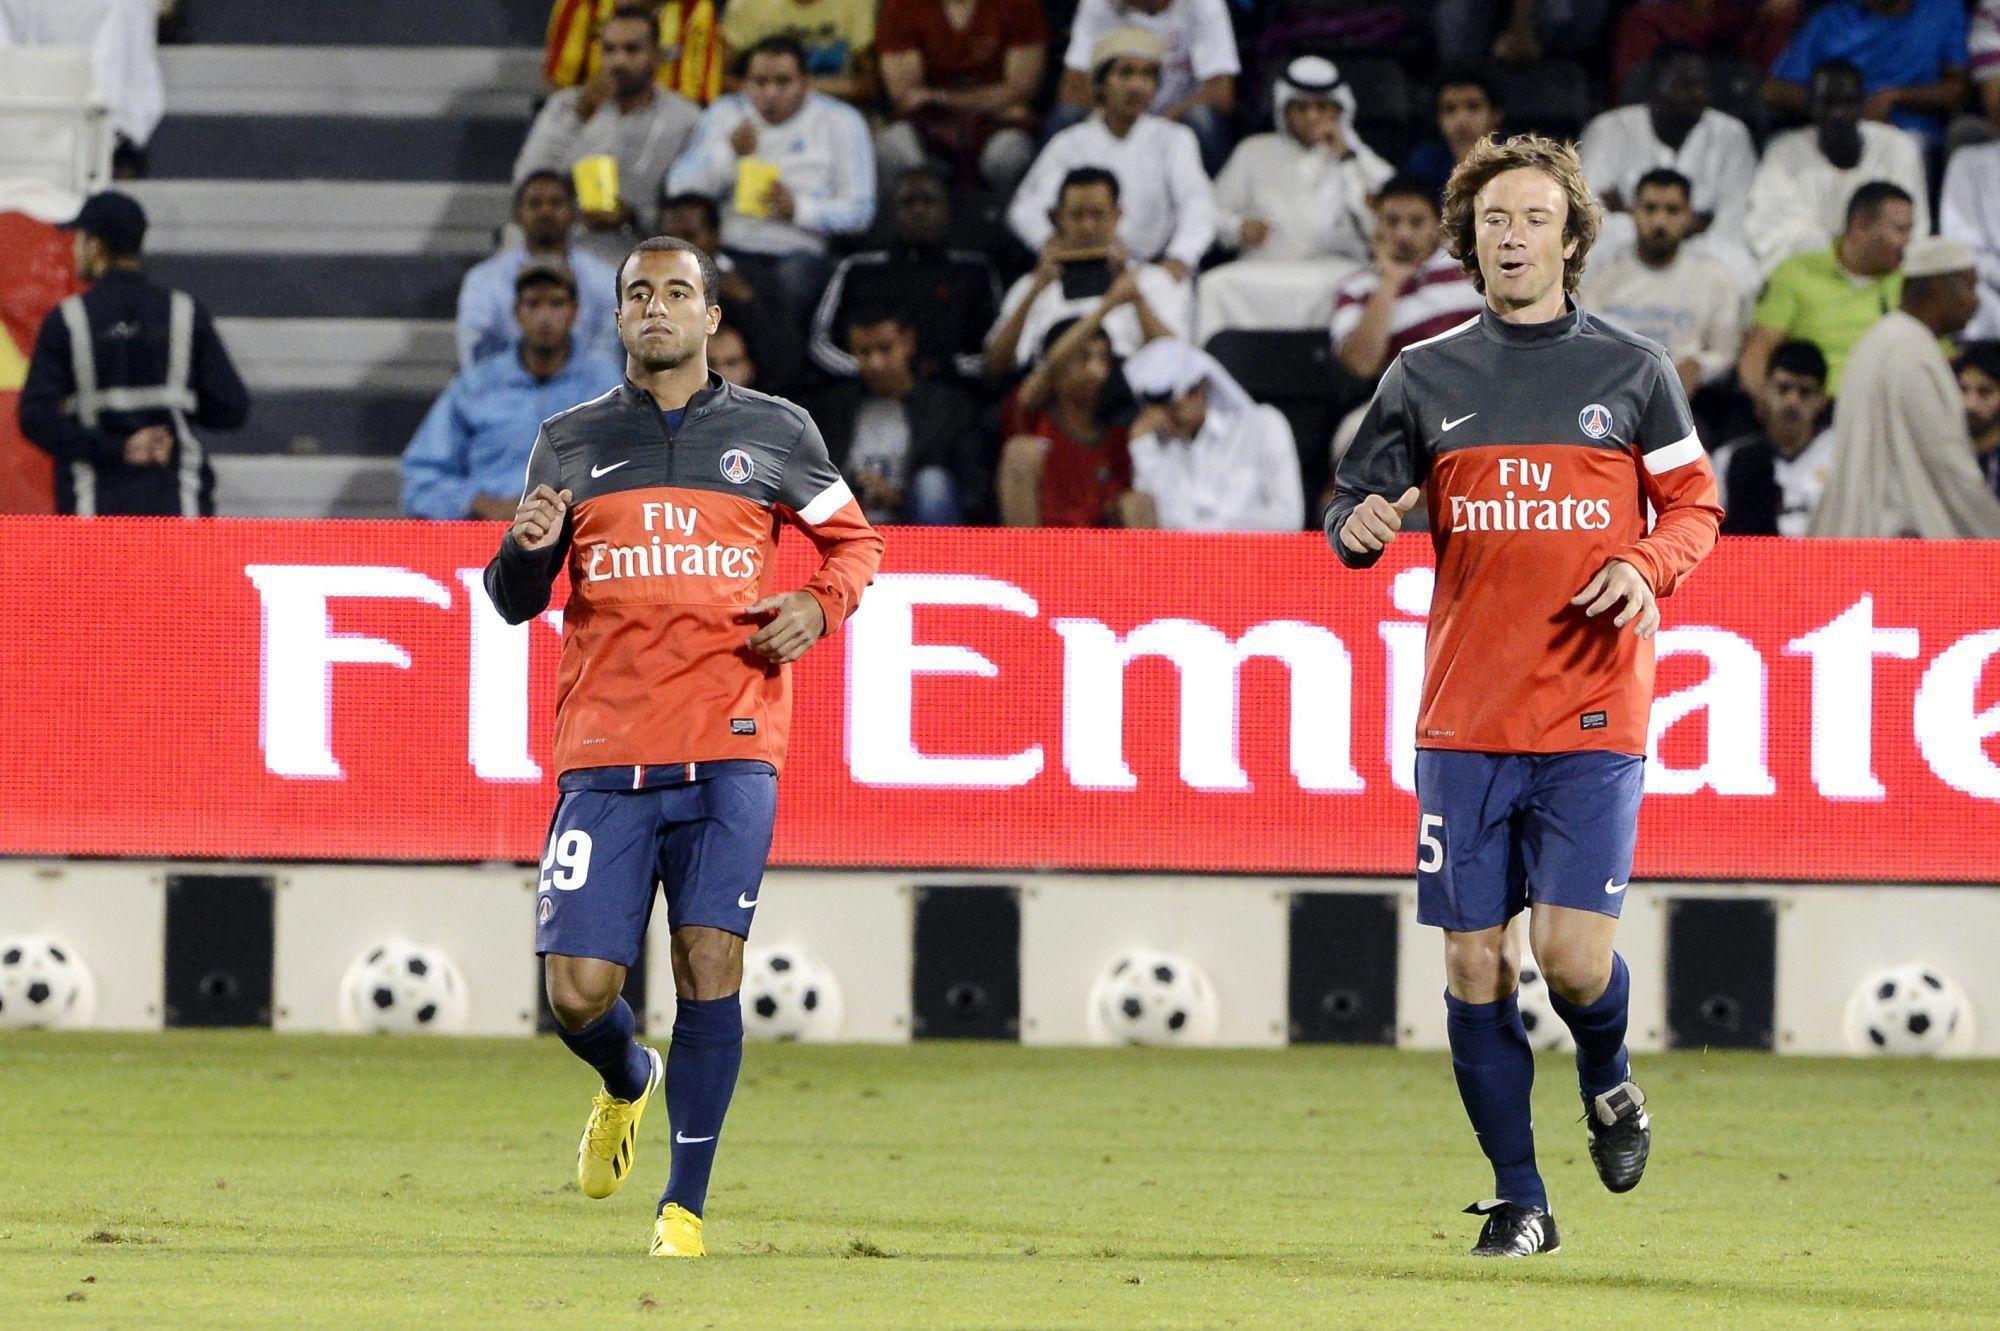 Lugano explique avoir beaucoup apporté au PSG au sein du vestiaire